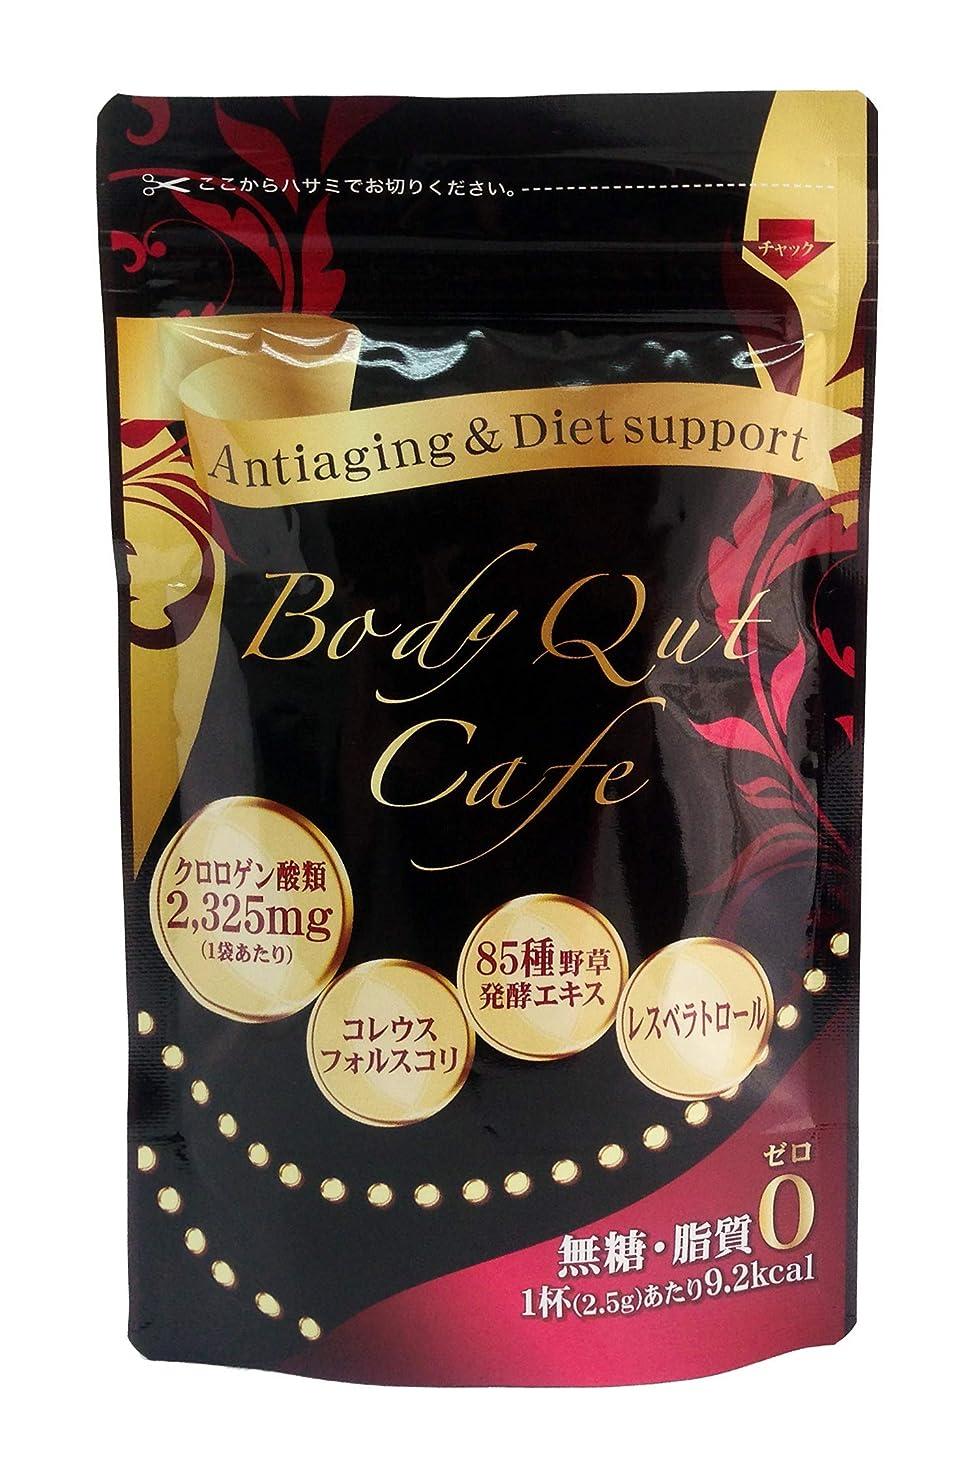 ハーブ絶え間ない有罪ボディキュットカフェ 75g 約30杯分 ダイエットコーヒー Body Qut Cafe (オリジナル)